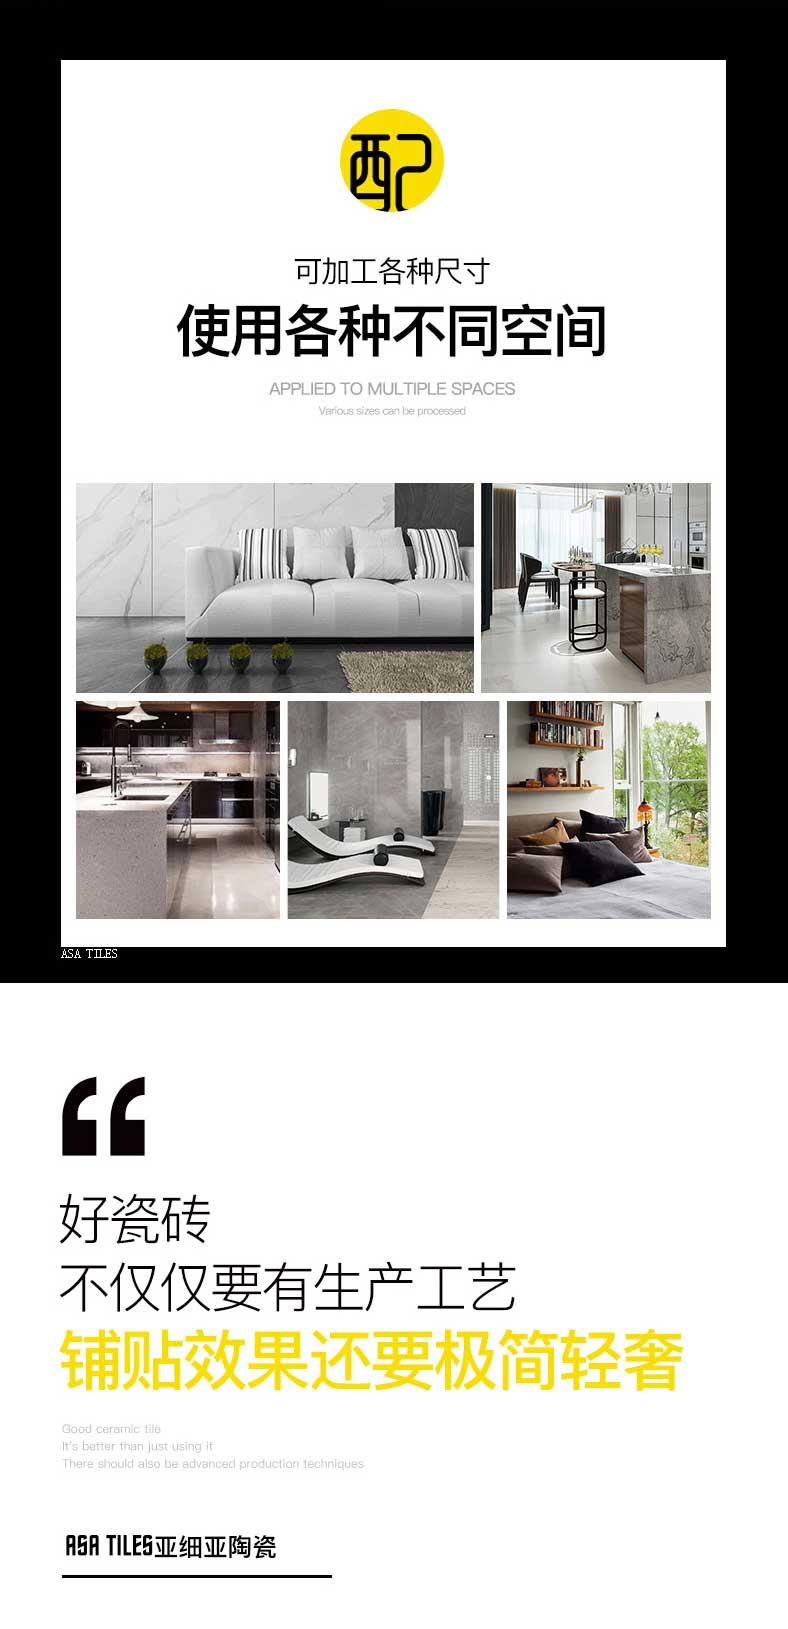 亚细亚瓷砖-客厅防滑地砖-经典莎安娜_04.jpg